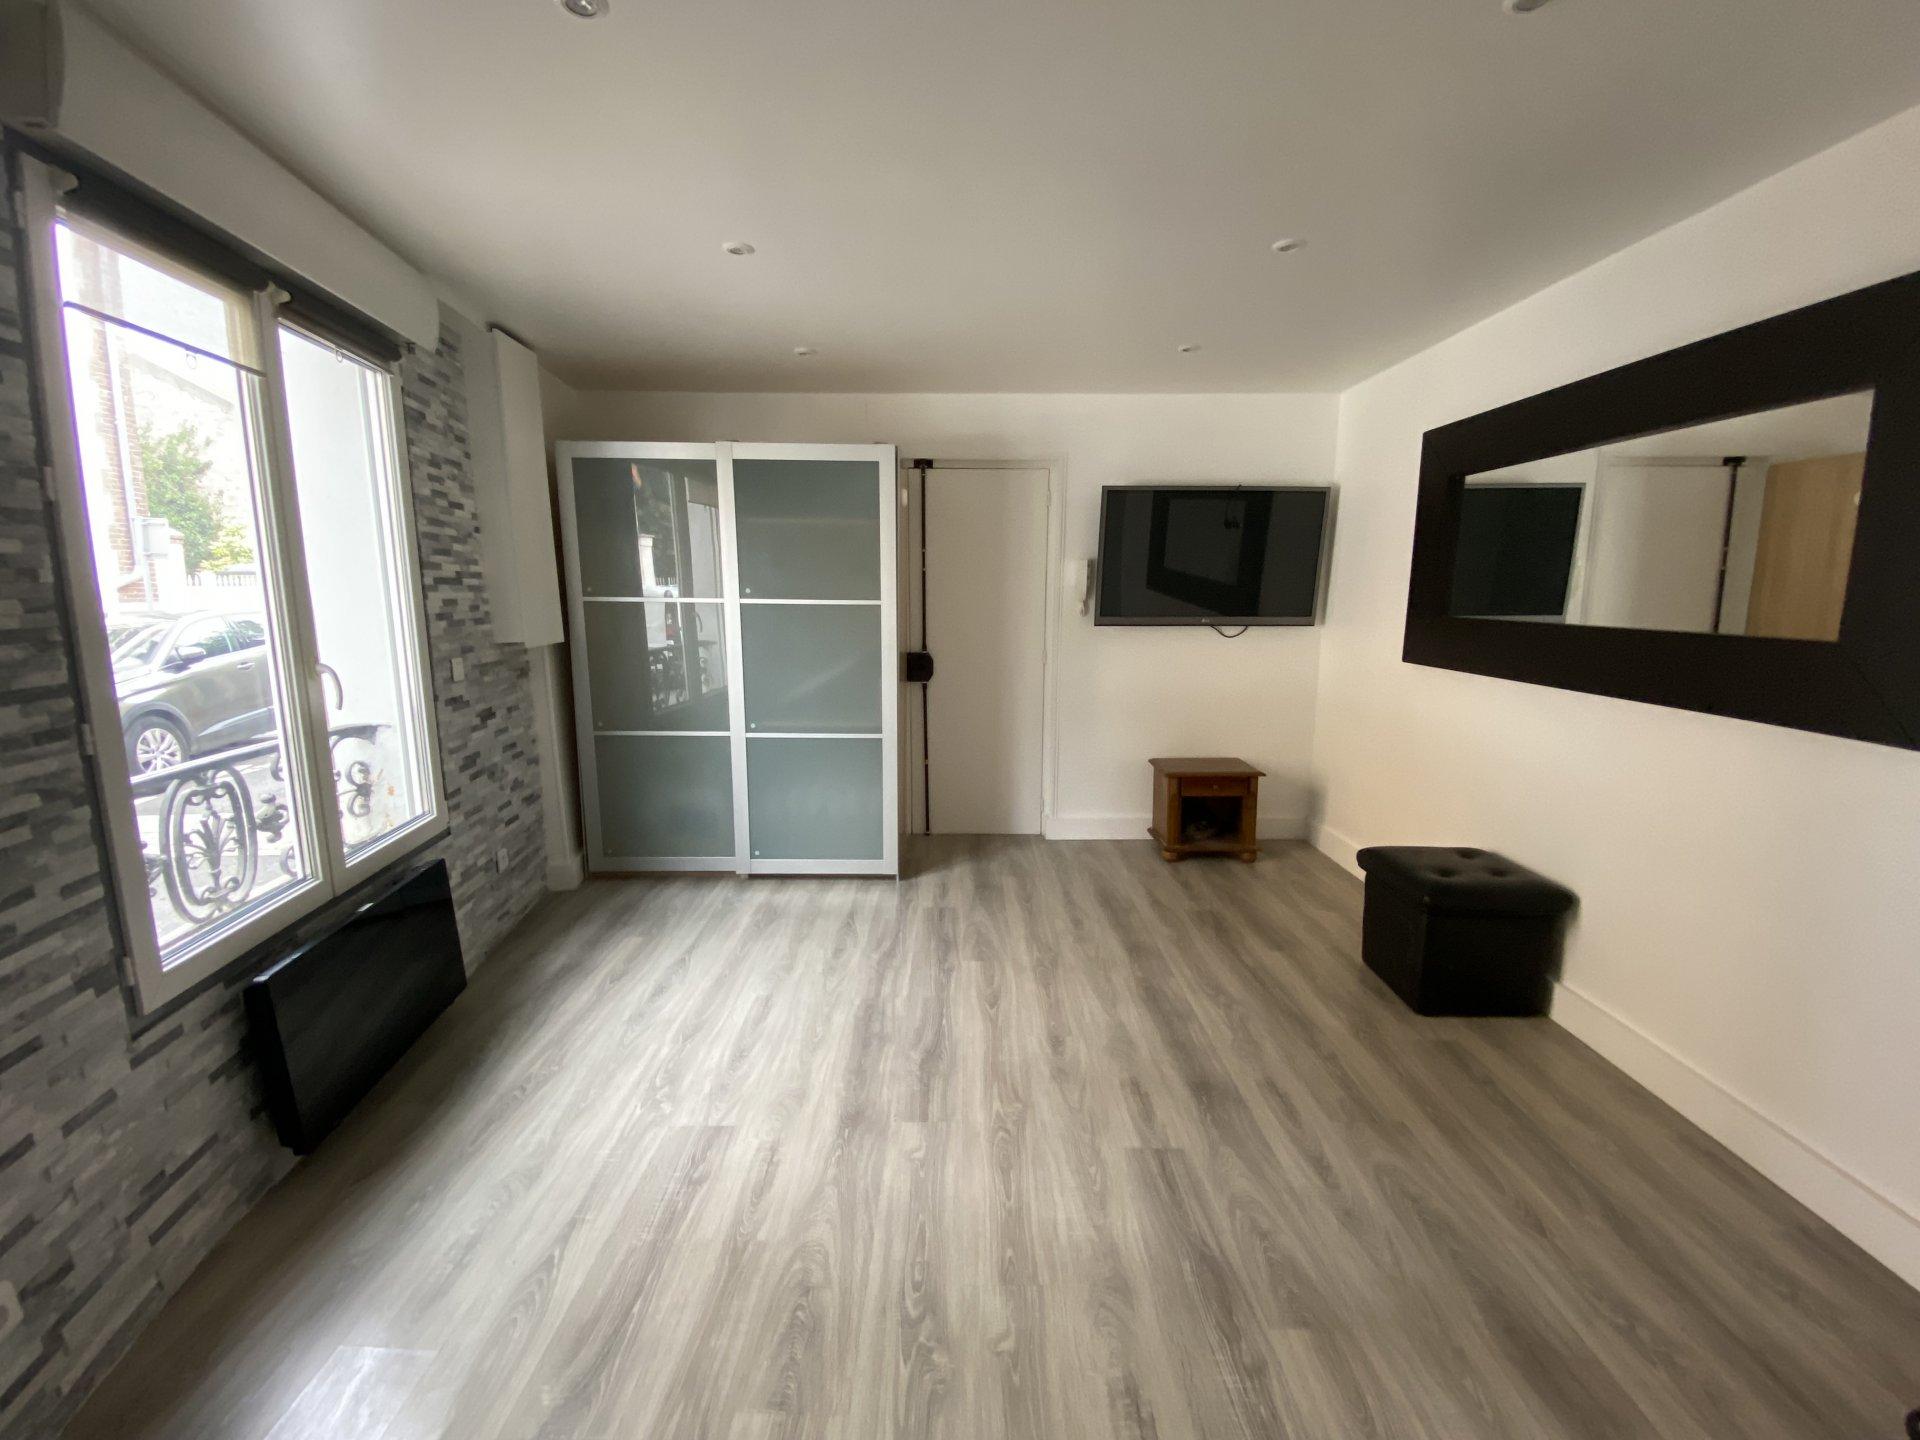 Sale Apartment - Issy-les-Moulineaux